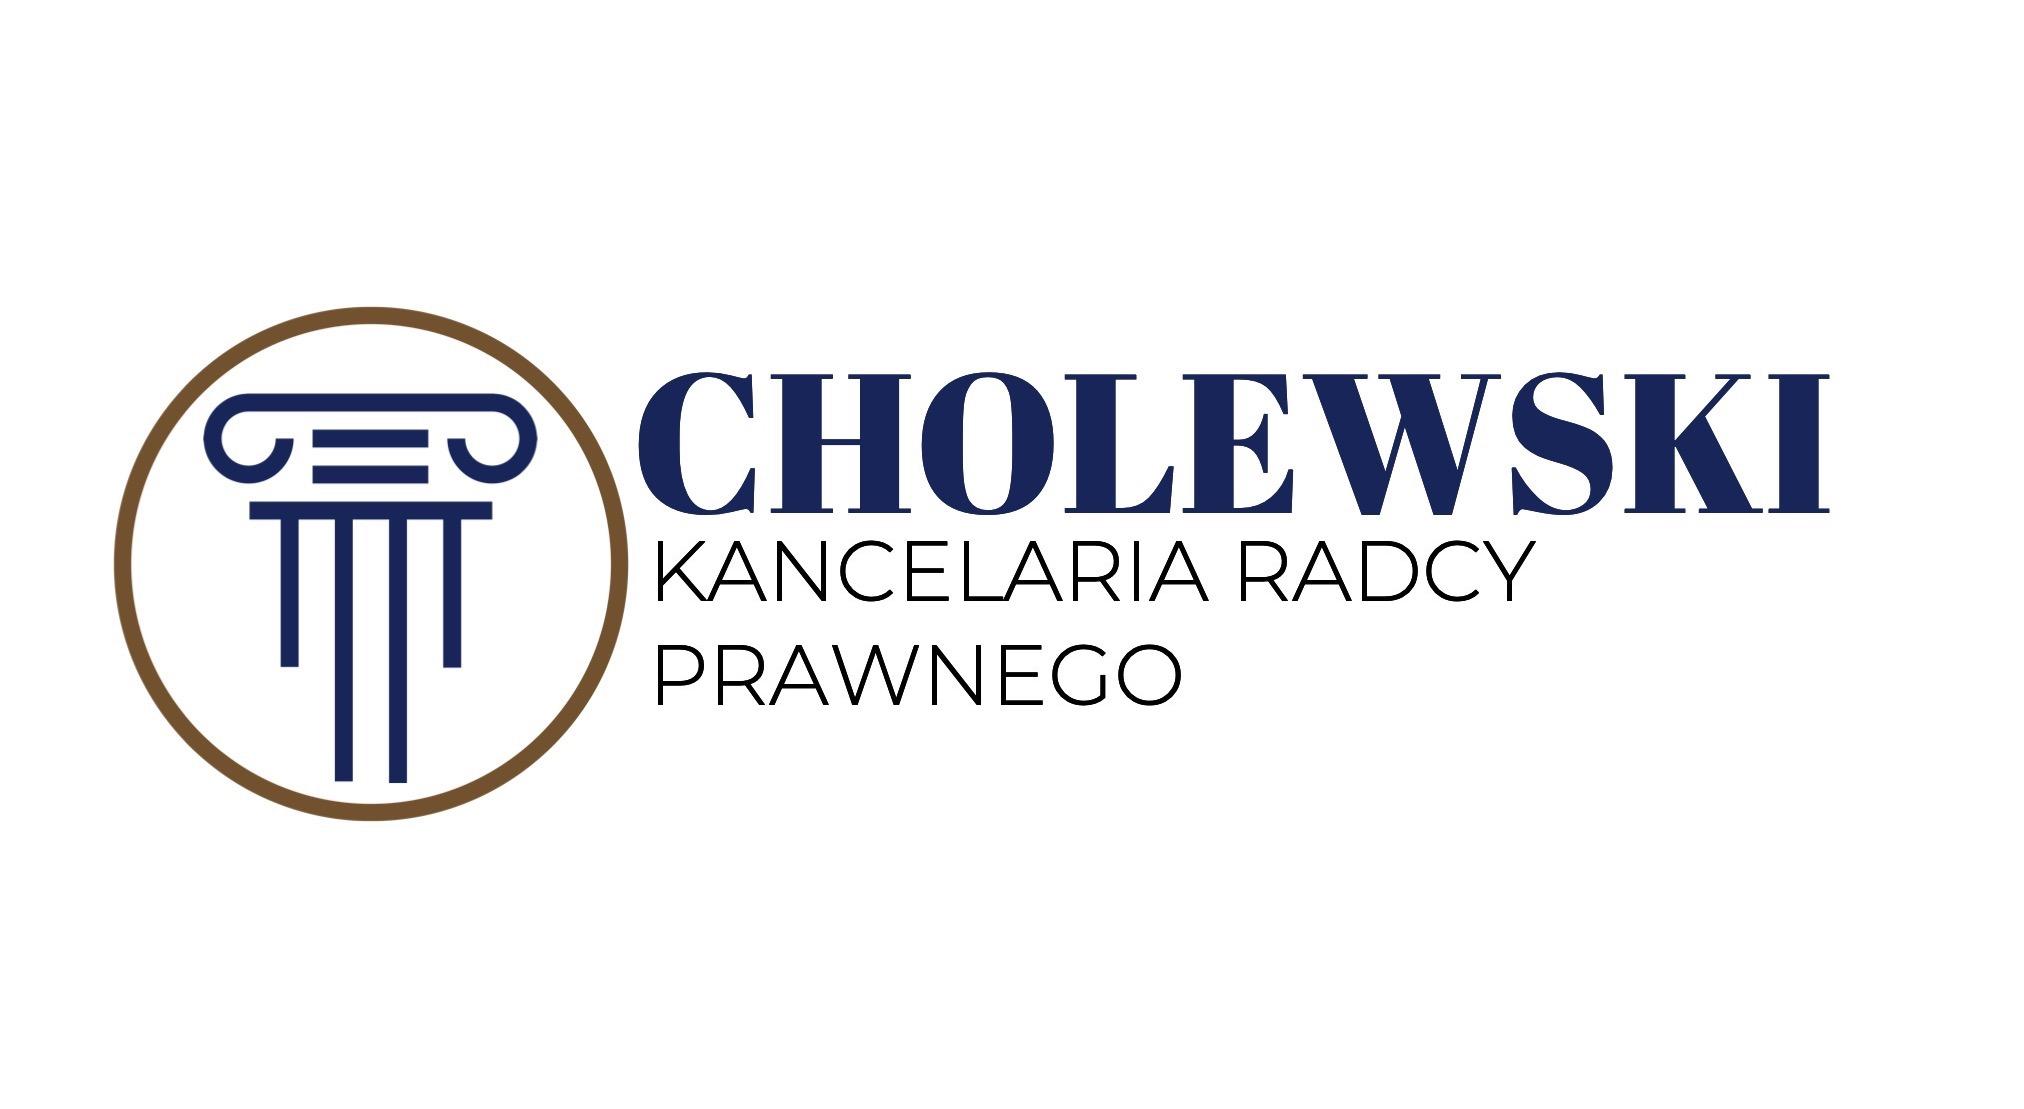 Kancelaria Radcy Prawnego Łukasz Cholewski